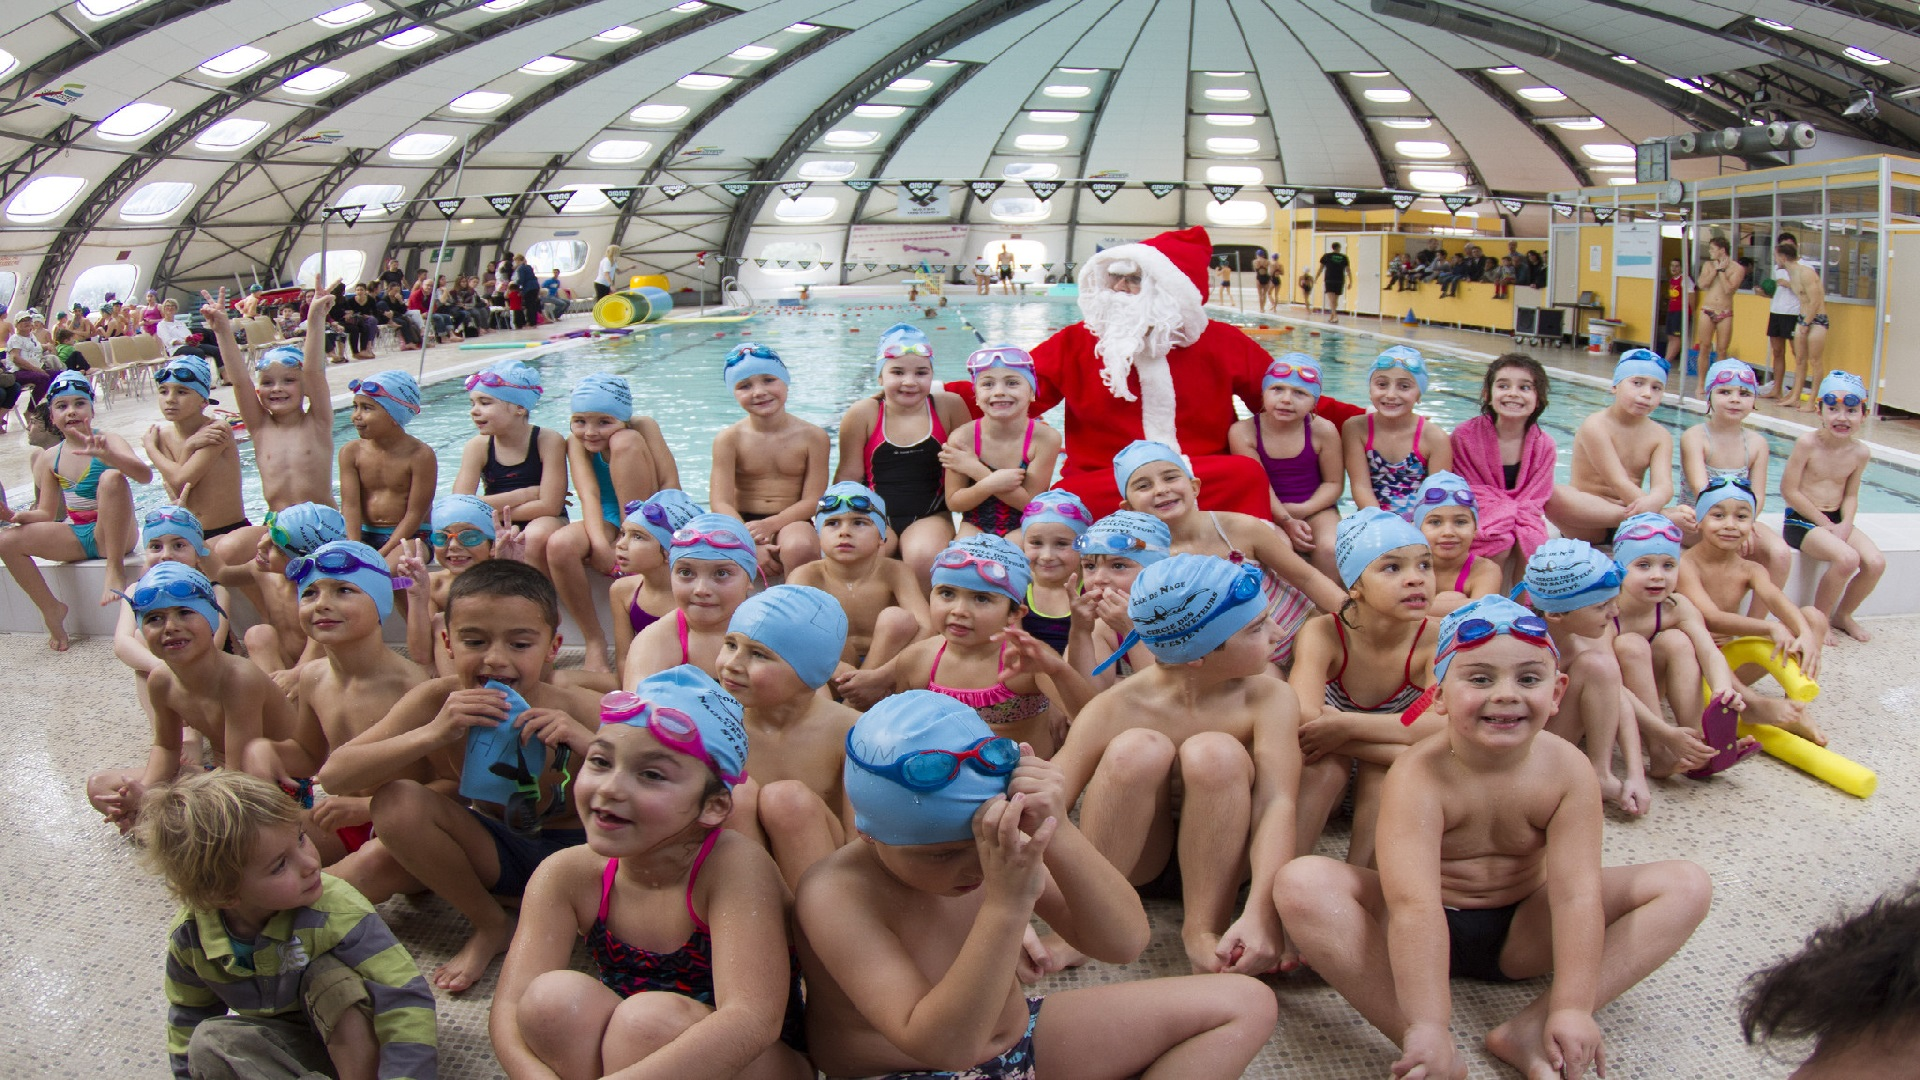 École de natation - Les horaires 2019-2020